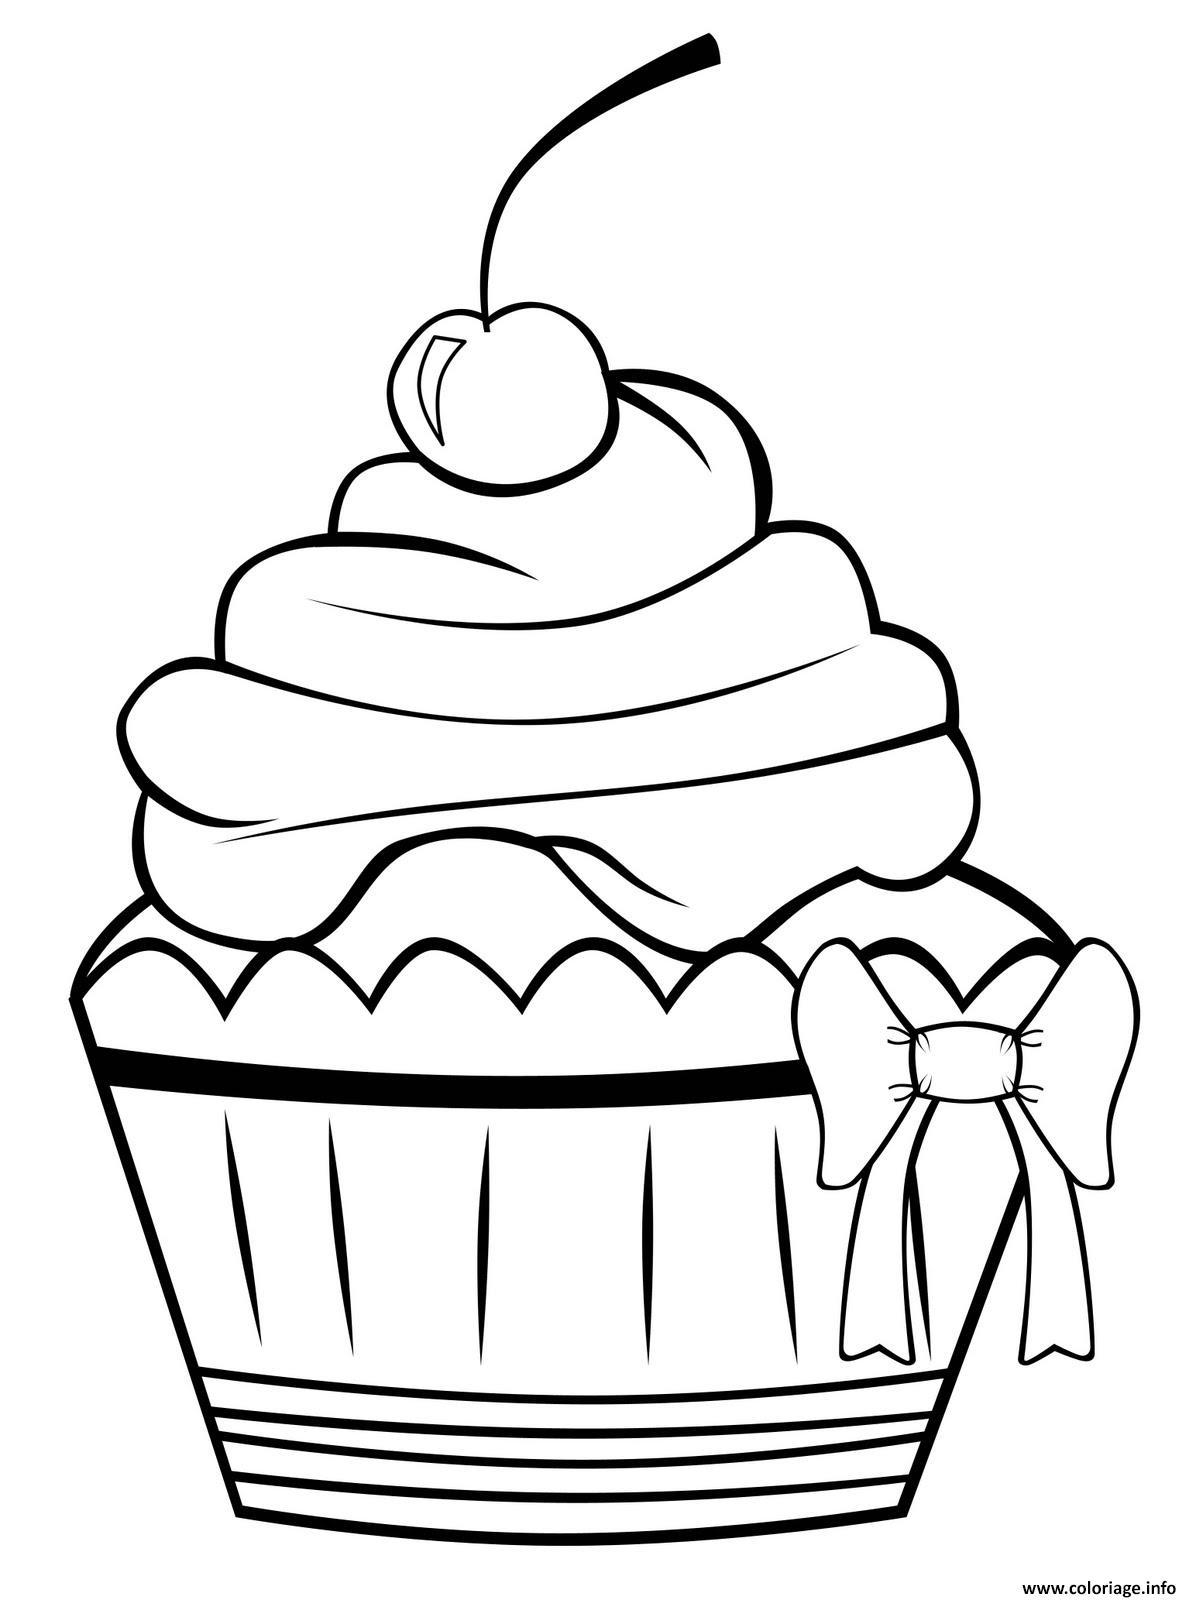 Dessin cupcake vintage original classic basic4 Coloriage Gratuit à Imprimer